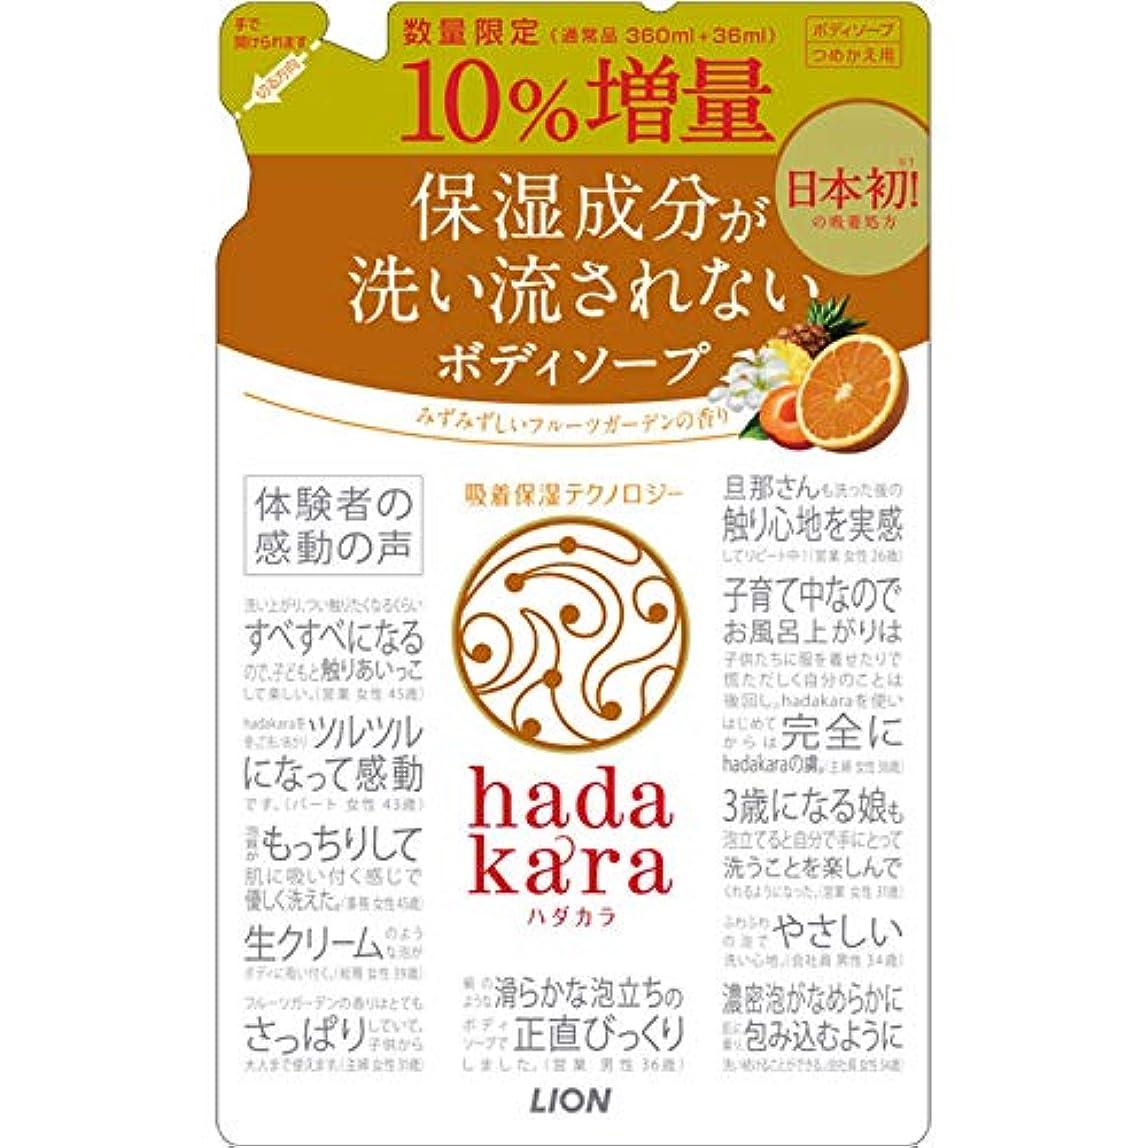 柔和ポーズ文化【数量限定】hadakara(ハダカラ) ボディソープ フルーツガーデンの香り つめかえ用 10%増量 396ml